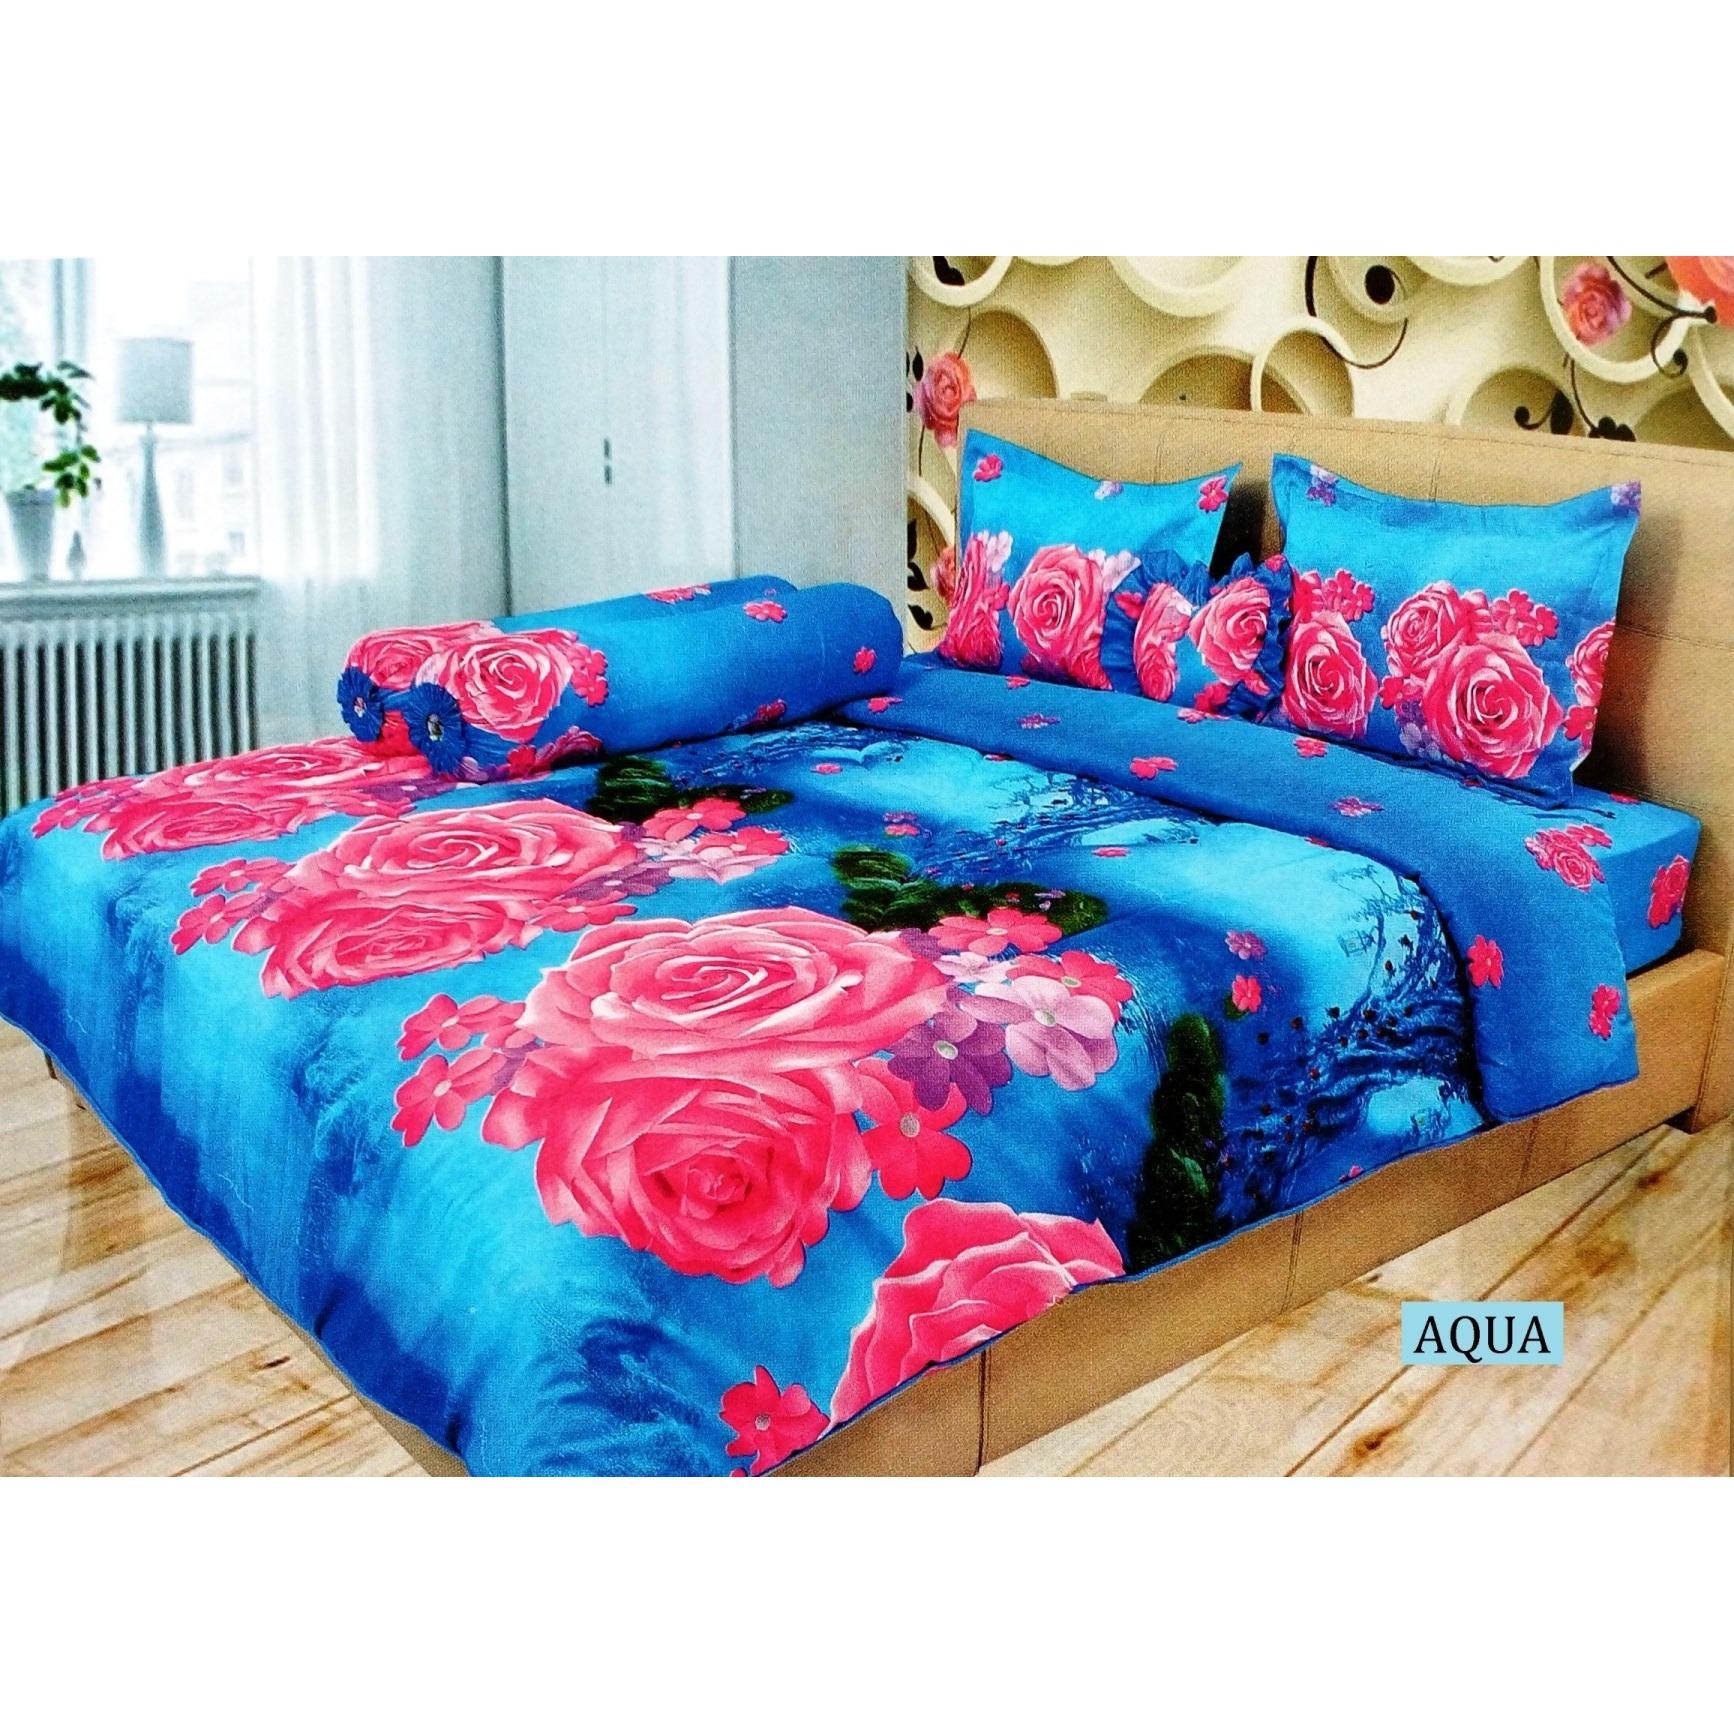 Shock Price Sprei Lady Rose King 180 x 200 Bahan Disperse Microtencel Halus Aneka Motif penjualan